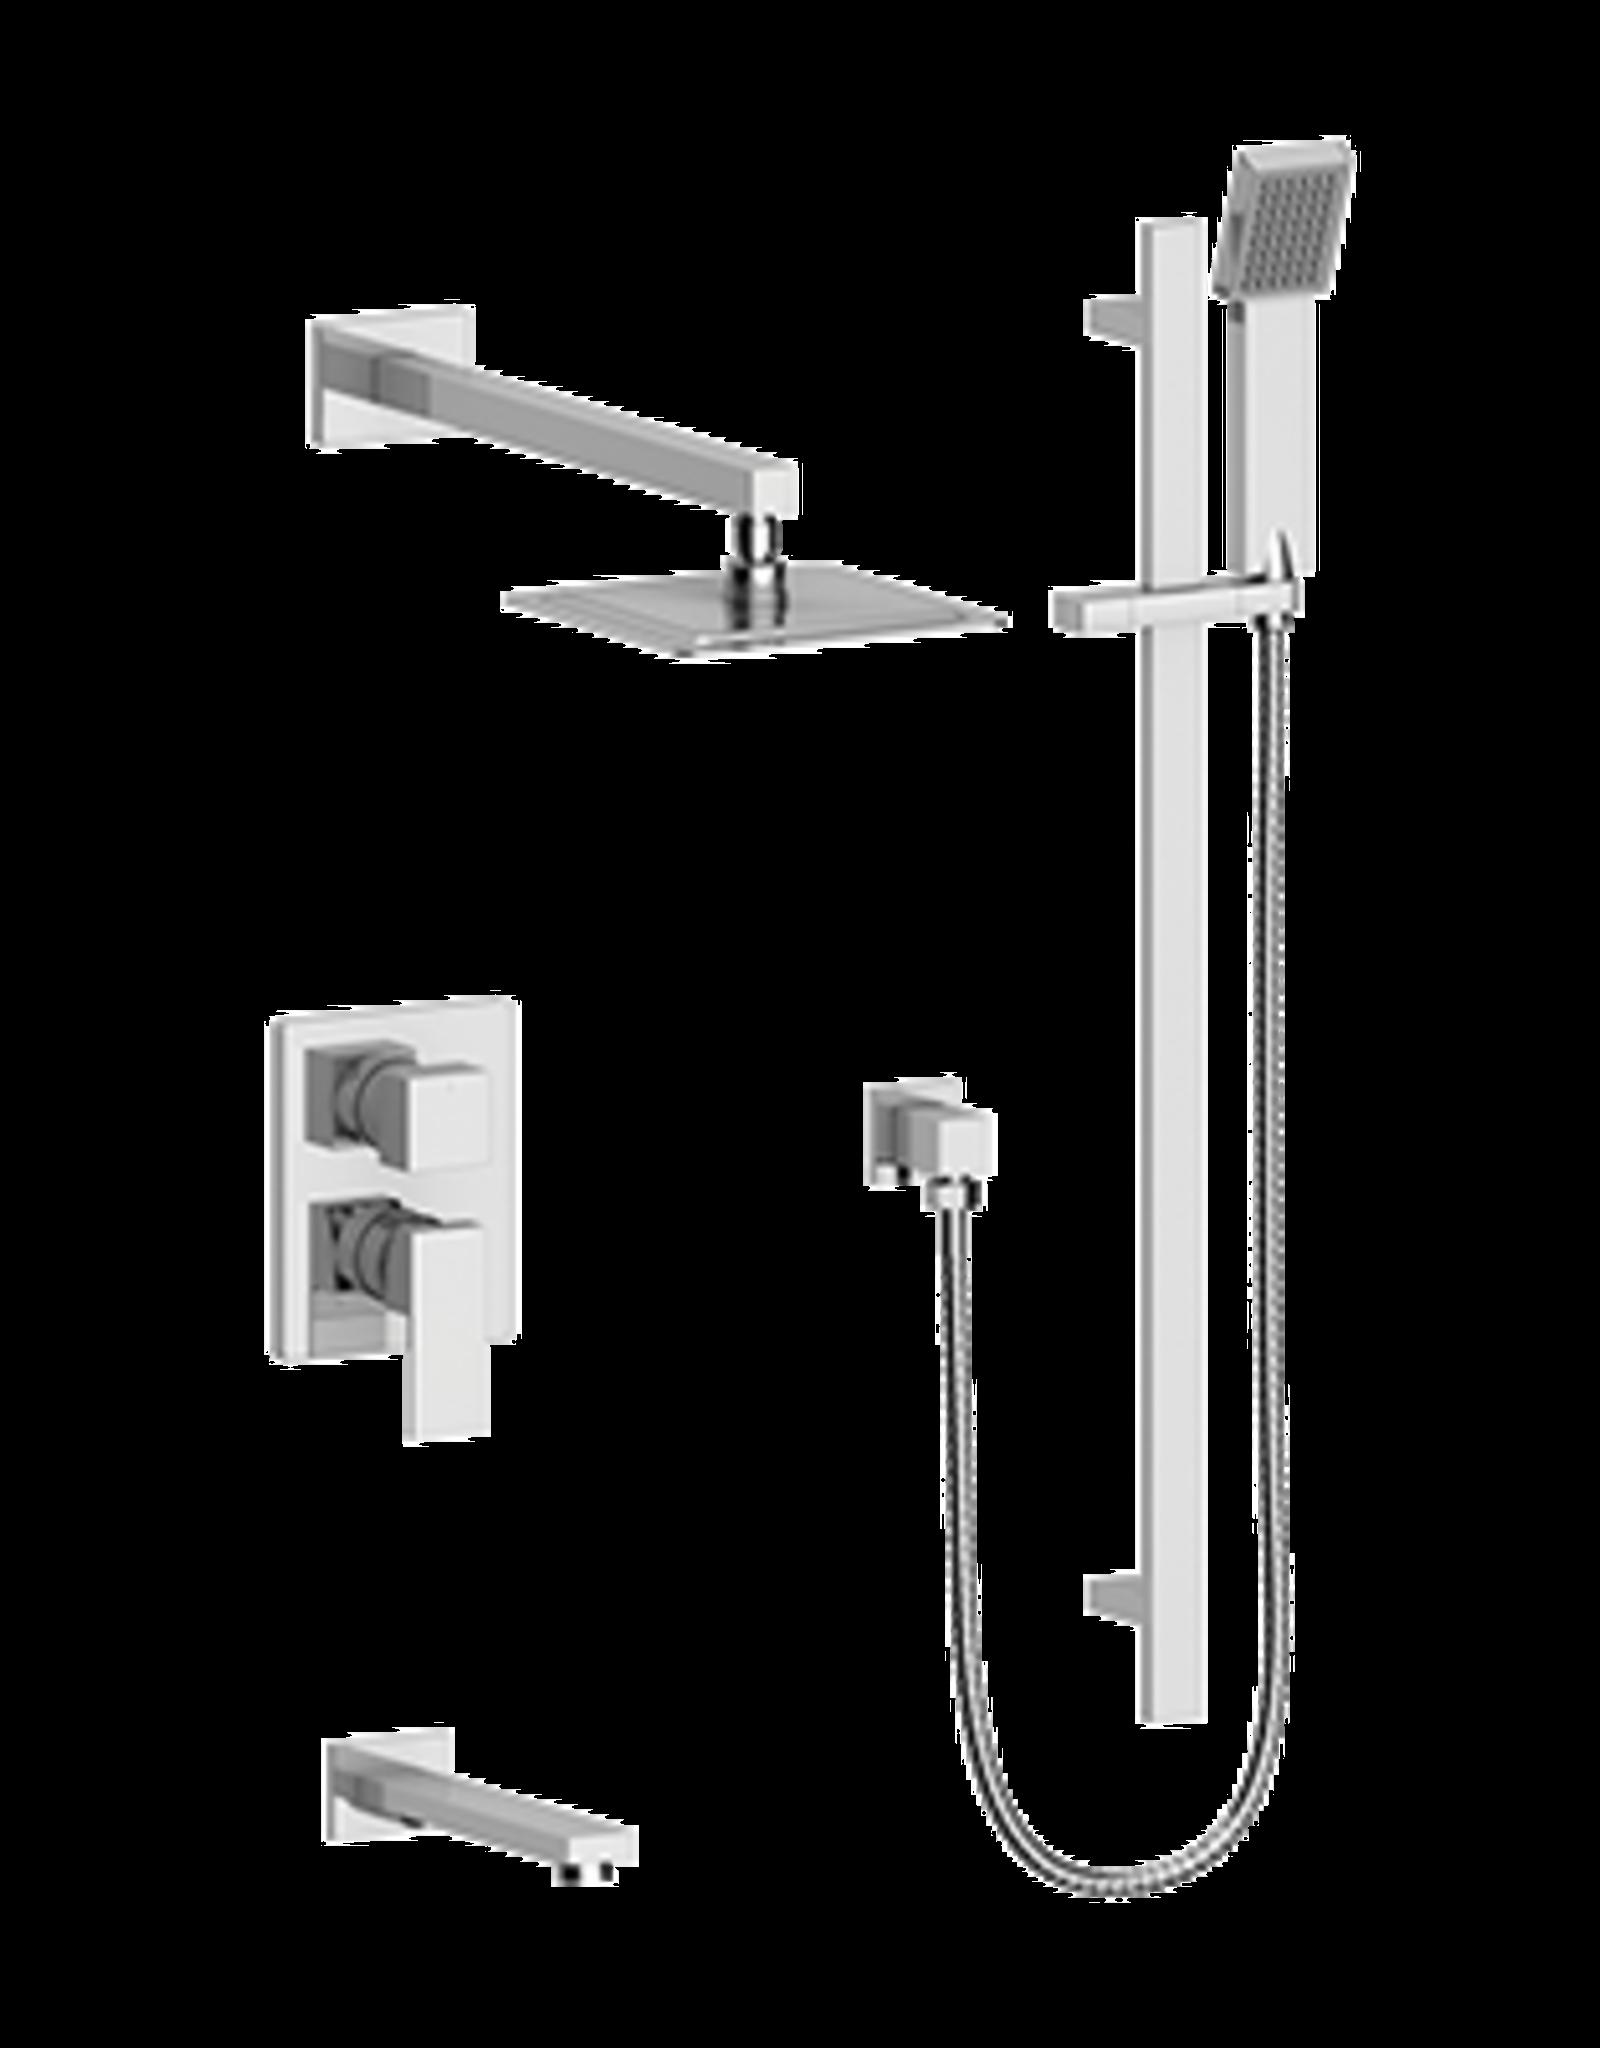 Vogt Kapfenberg- 3-Way Pressure Balanced Shower Kit- Chrome